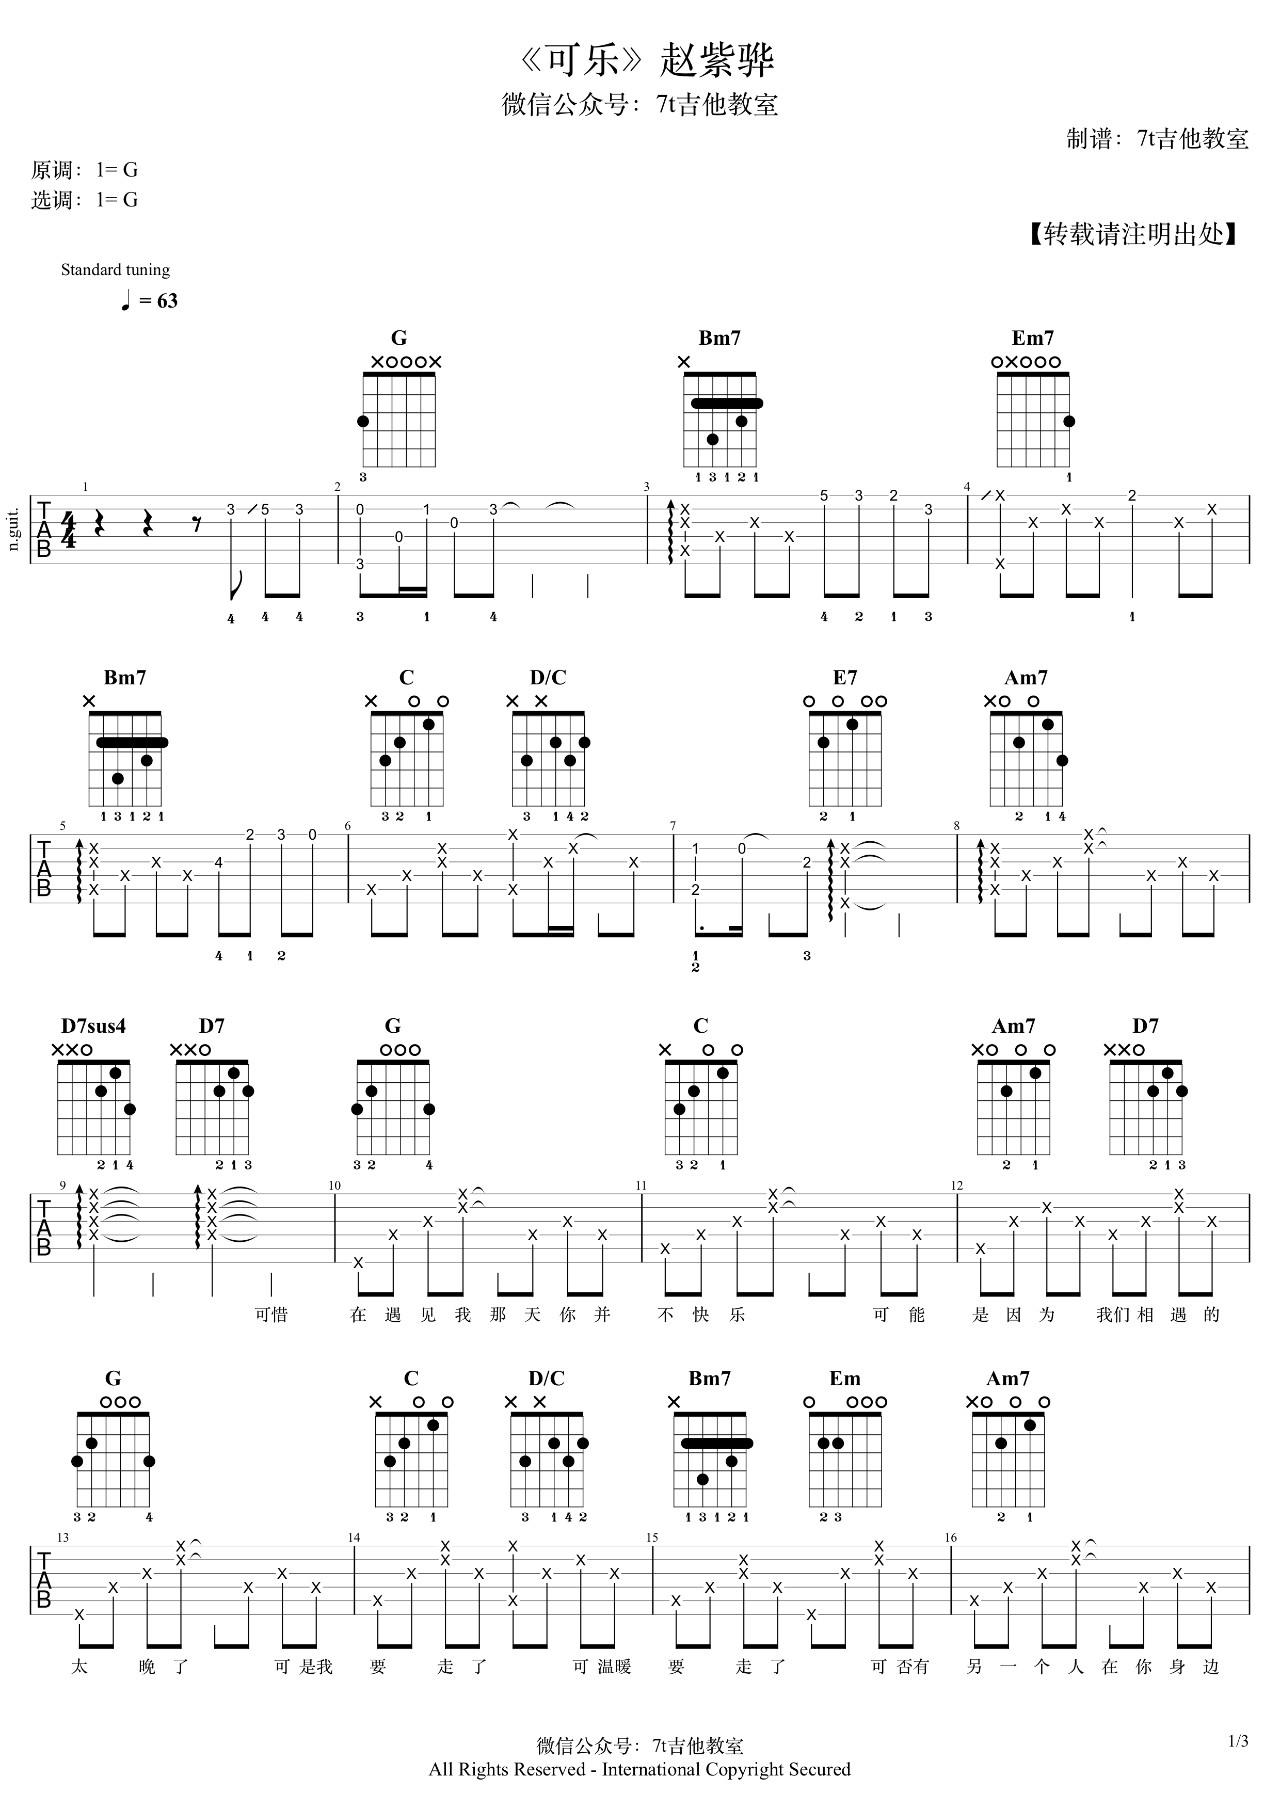 吉他派《可乐》吉他谱7t版-1